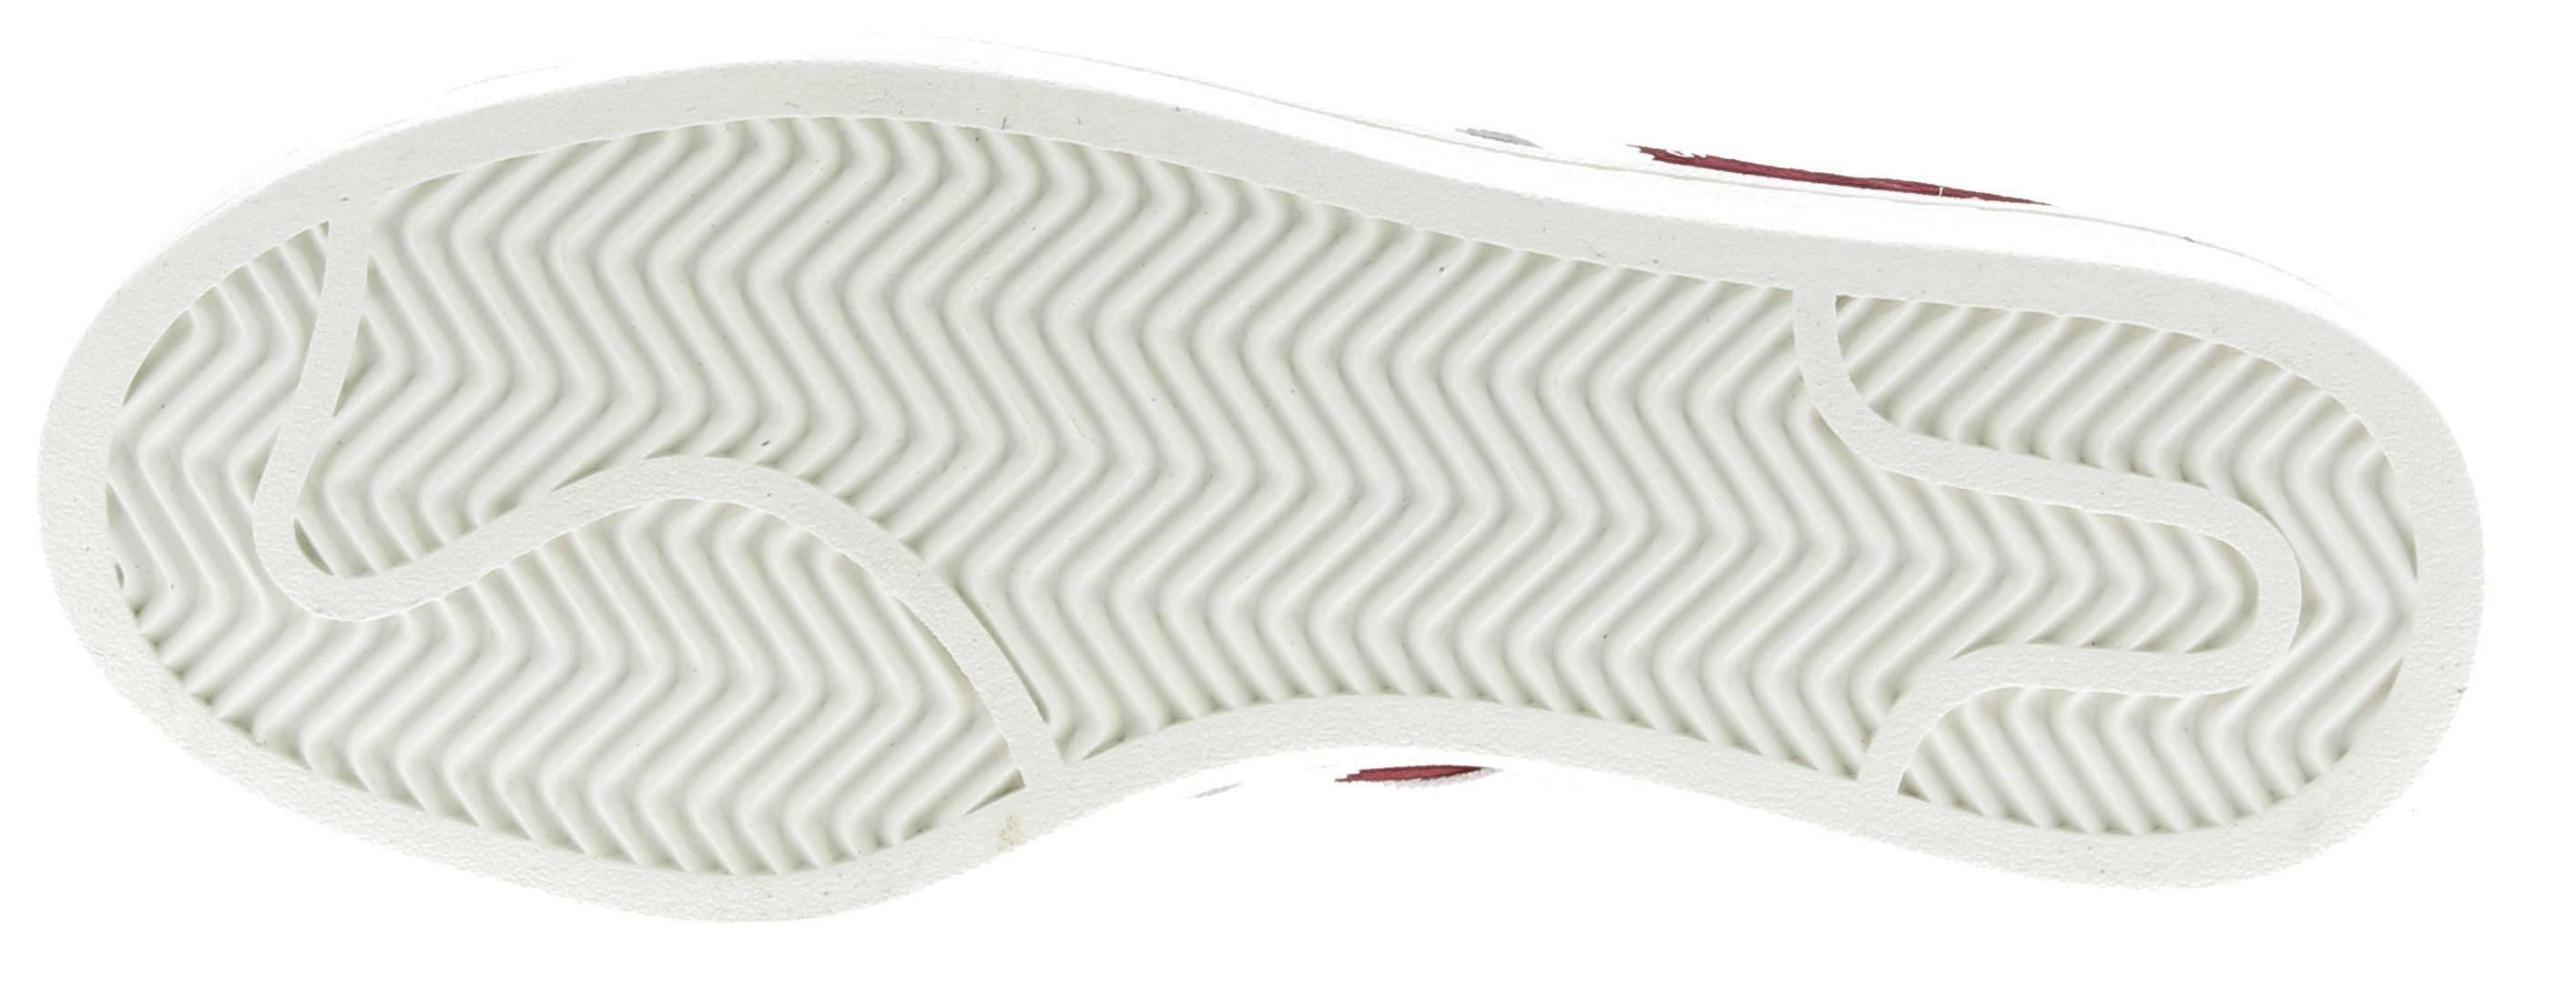 adidas adidas originals campus scarpe sportive uomo bordeaux